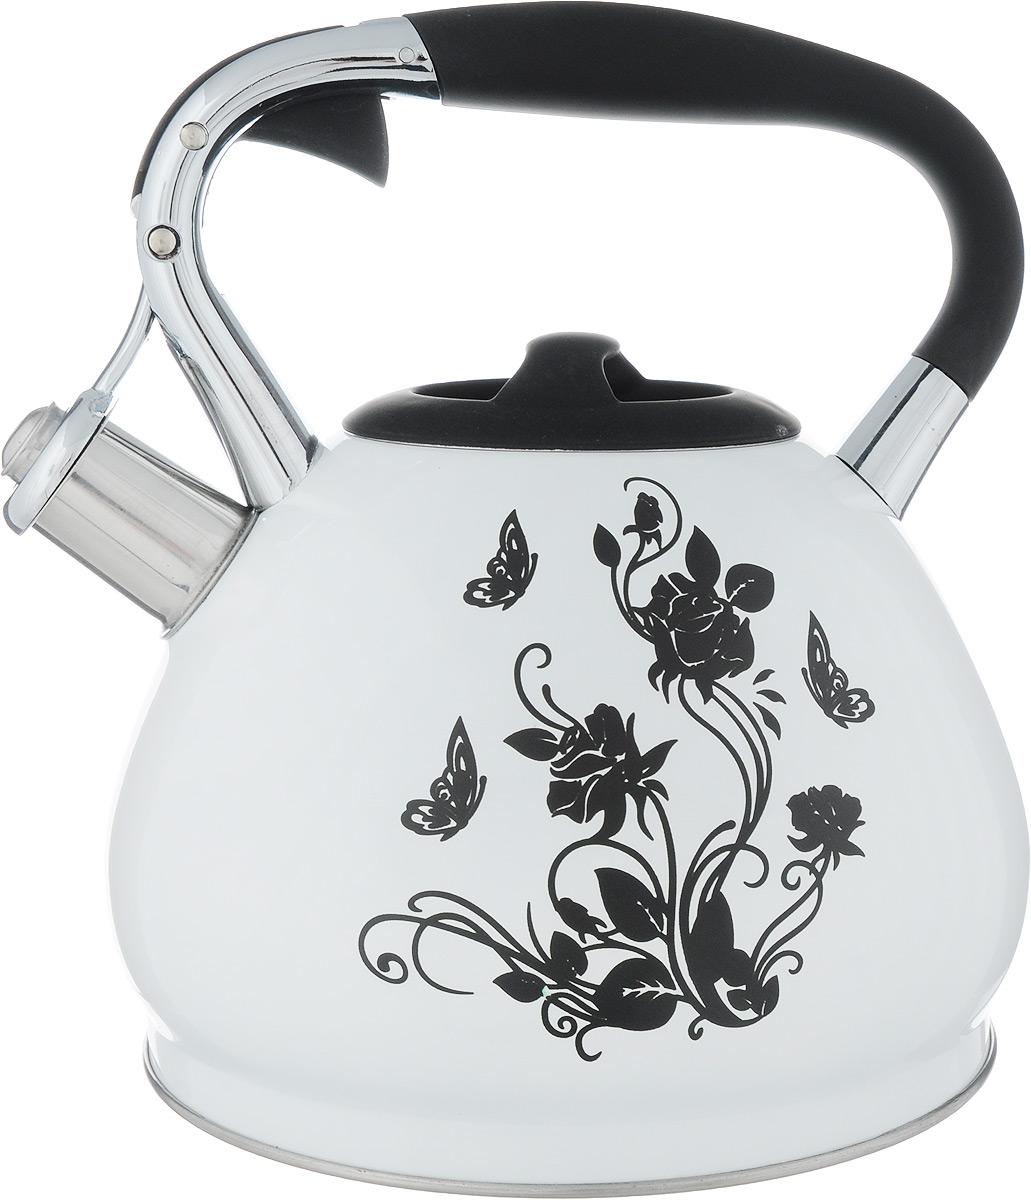 Чайник Bekker Цветок, со свистком, 3 лBK-S594_цветокЧайник Bekker Цветы выполнен из высококачественной нержавеющей стали, что обеспечивает долговечность использования. Внешнее цветное покрытие придает приятный внешний вид. Фиксированная ручка из бакелита с силиконовым покрытием делает использование чайника очень удобным и безопасным. Чайник снабжен свистком и устройством для открывания носика, которое находится на ручке. Изделие оснащено цельнометаллическим дном, что способствует медленному остыванию чайника. Черный рисунок на стенке чайника при достижении температуры 40°С начинает менять окрас на радужные цвета.Подходит для газовых, электрических и стеклокерамических плит, а также индукционных. Можно мыть в посудомоечной машине. Высота чайника (без учета крышки и ручки): 14 см.Высота чайника (с учетом ручки): 24 см.Диаметр (по верхнему краю): 9,5 см.